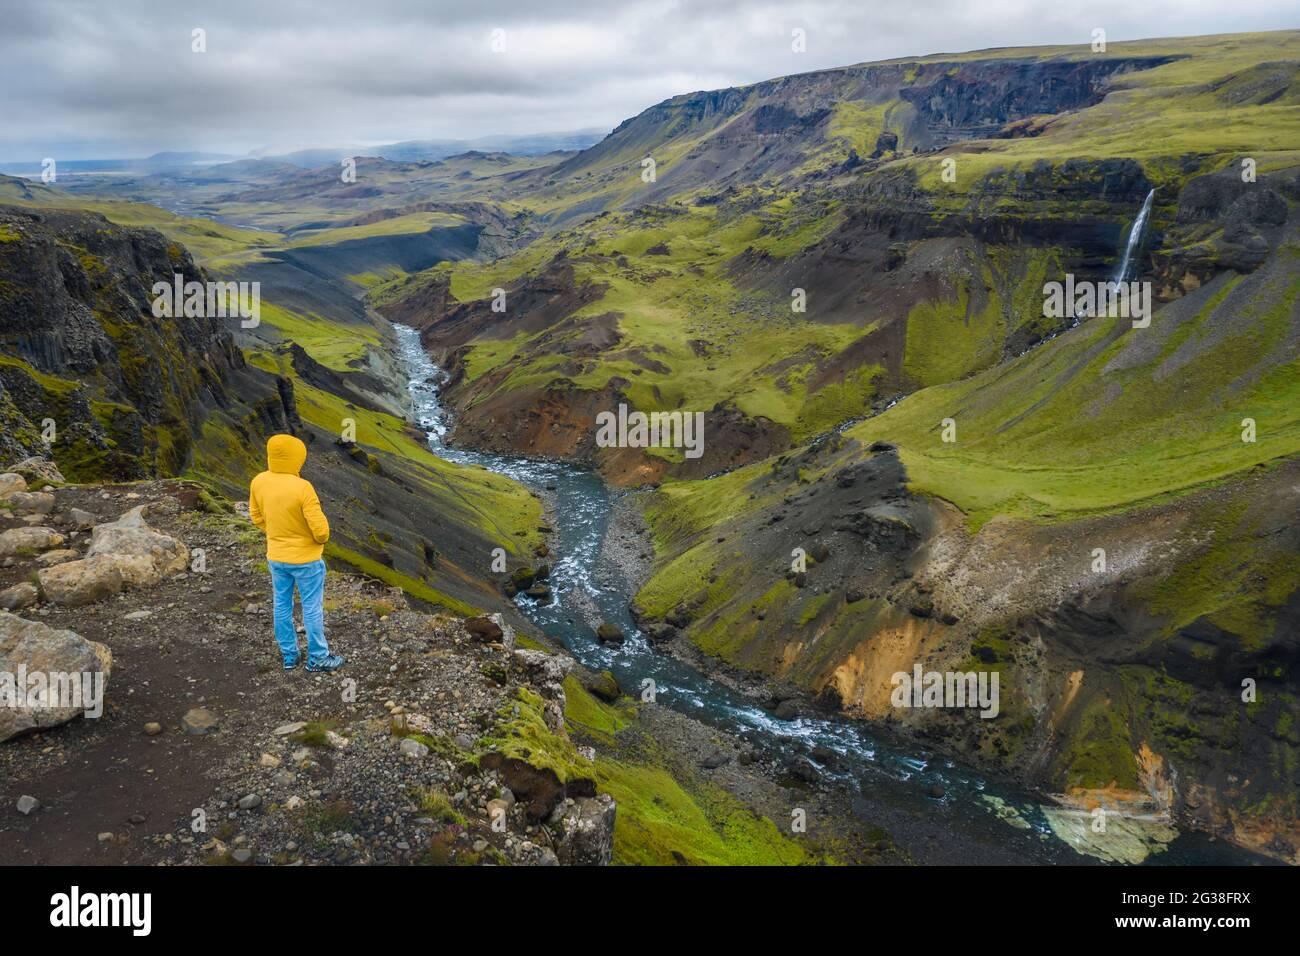 Vista aérea del hombre disfrutando del paisaje de Islandia del valle de las tierras altas y el río Fossa con el arroyo de agua azul y colinas verdes y acantilados cubiertos de musgo. Foto de stock